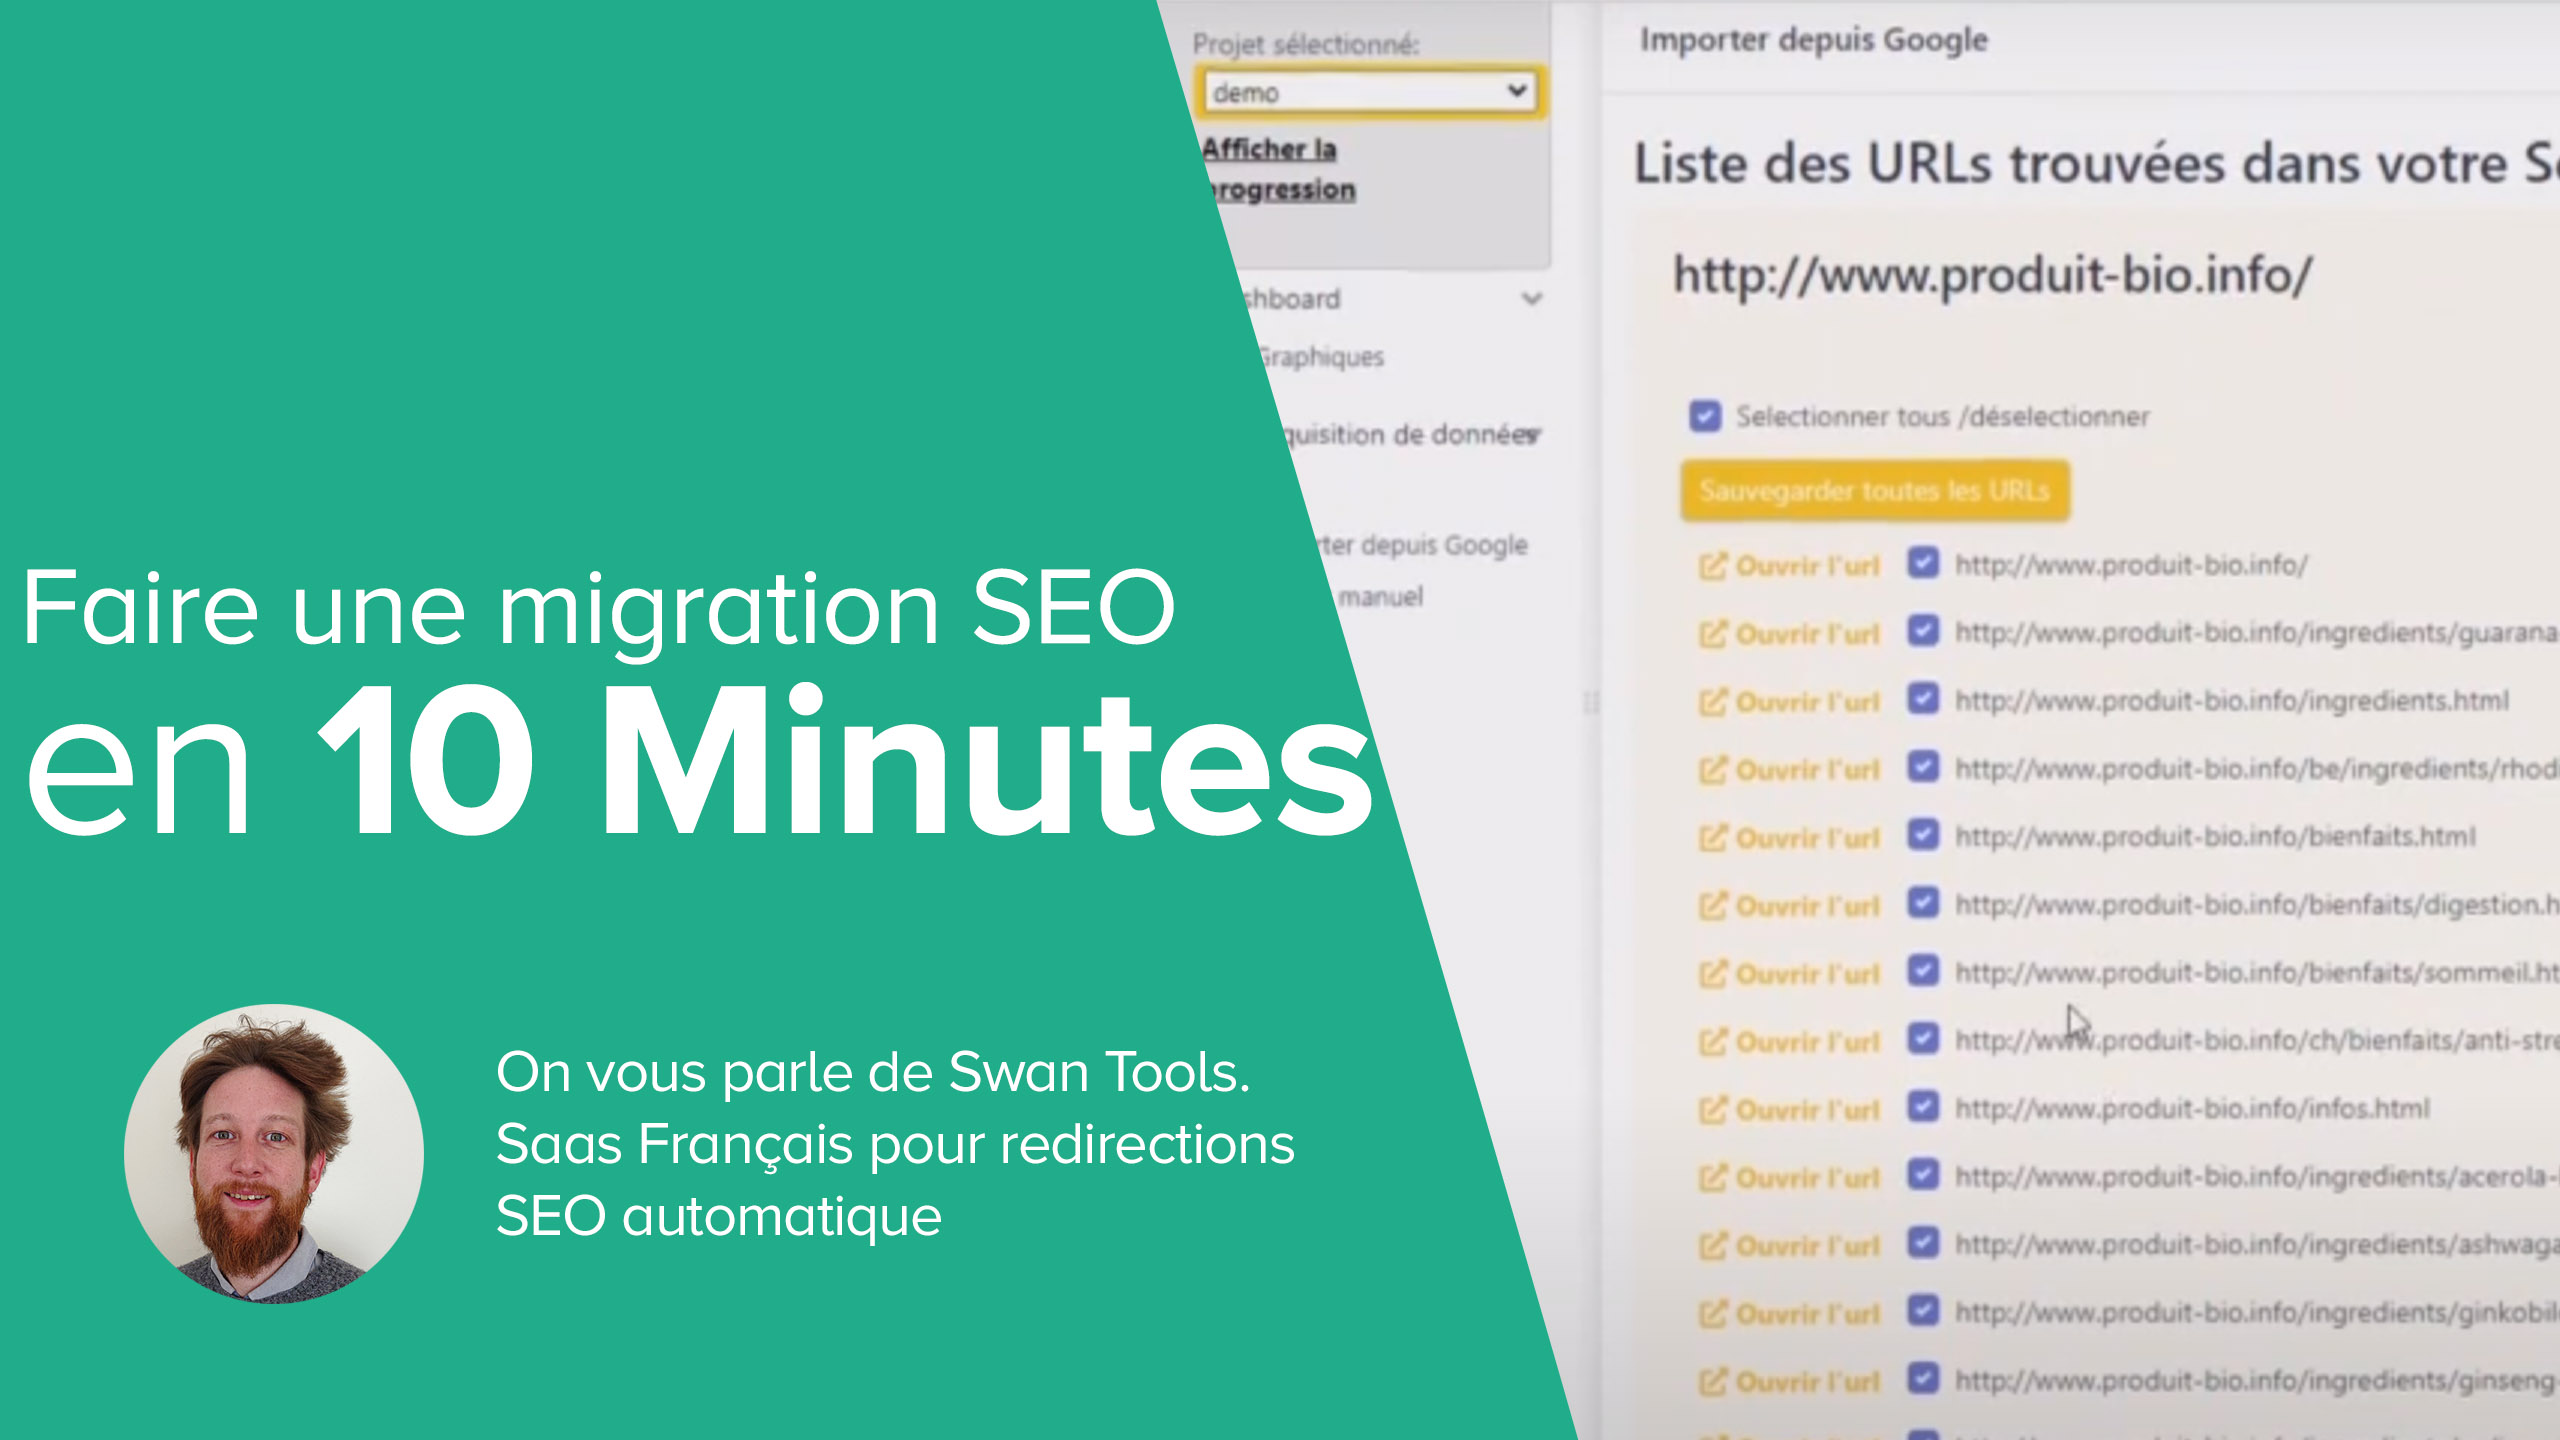 Migration SEO en 10 Minutes - Migration SEO Automatique